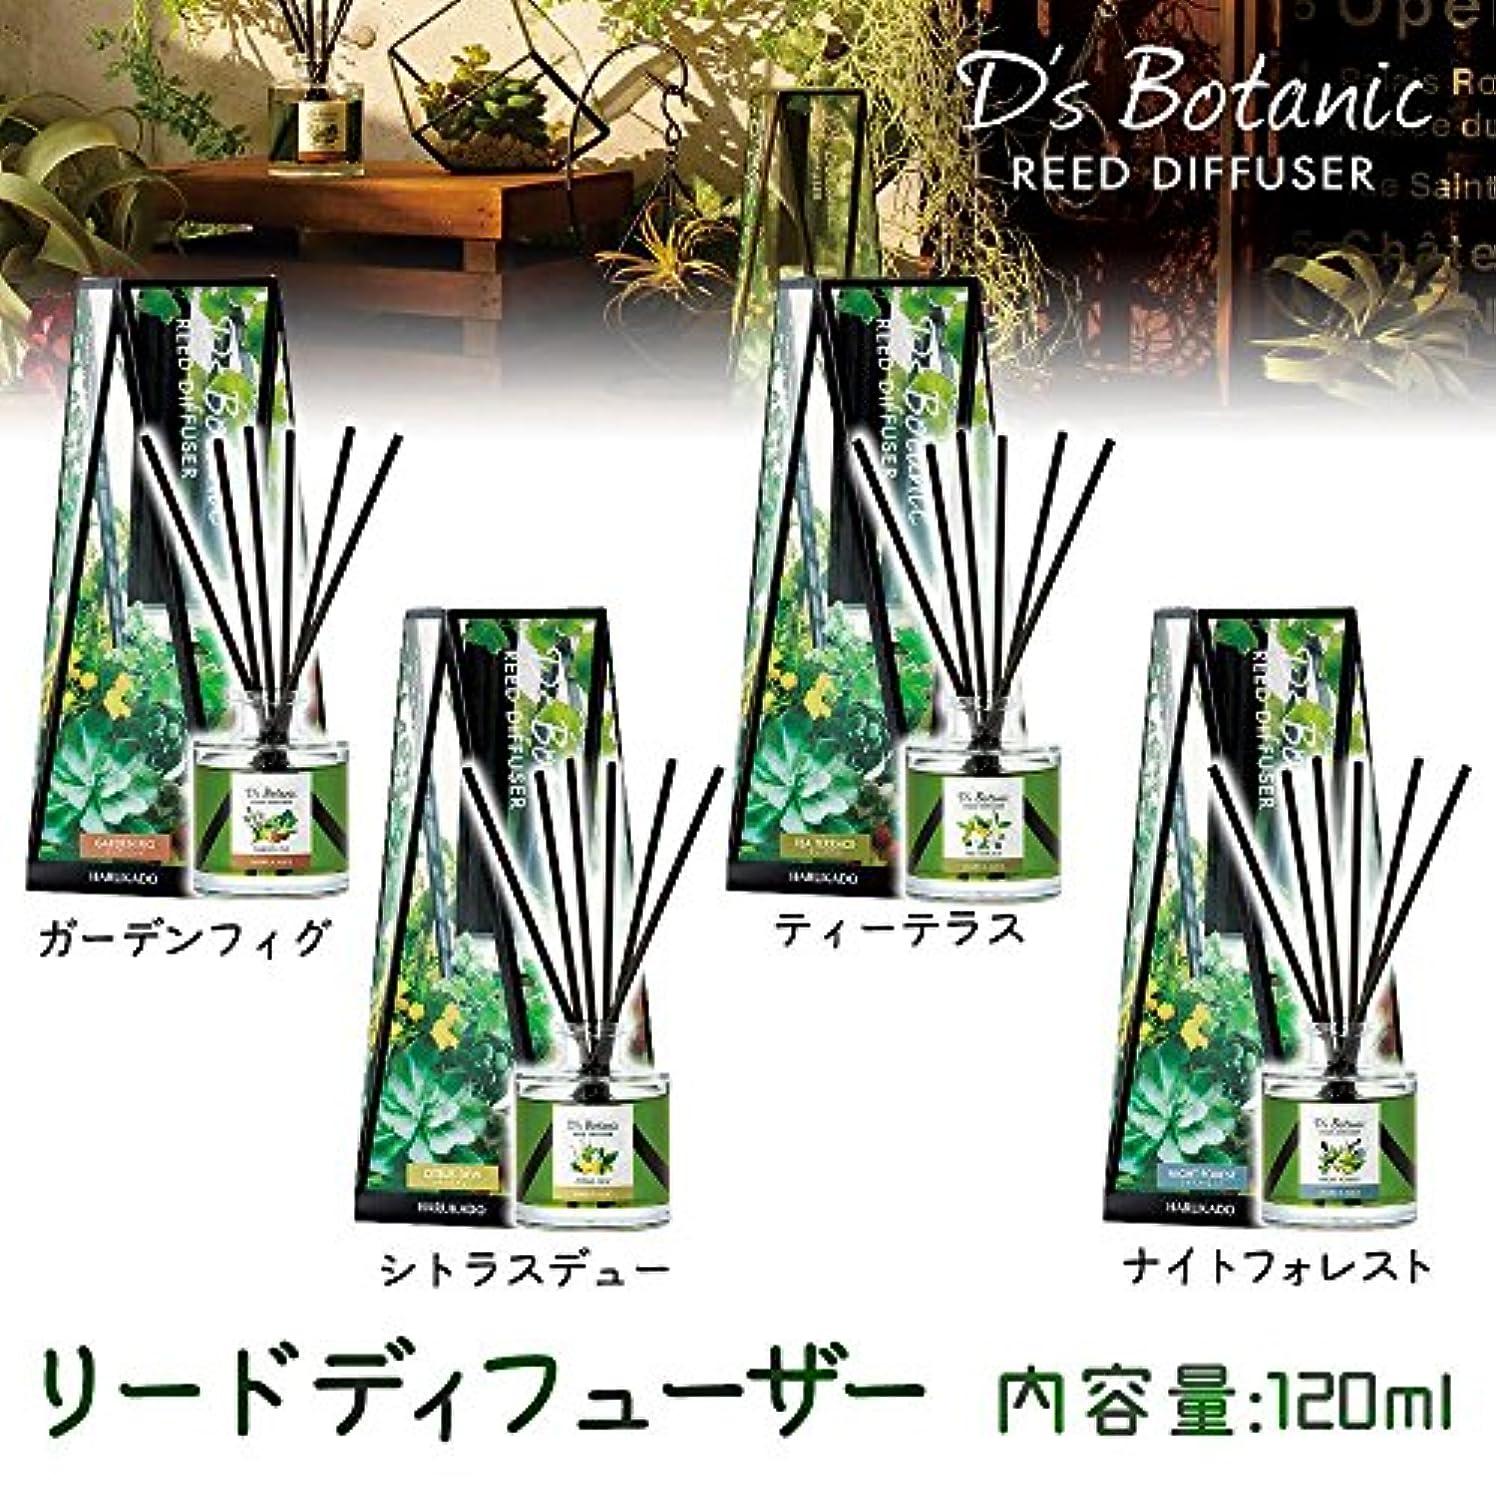 統治する驚かす折り目D'S Botanic(デイズボタニック) リードディフューザー ルームフレグランス 120ml シトラスデュー?6229【人気 おすすめ 】